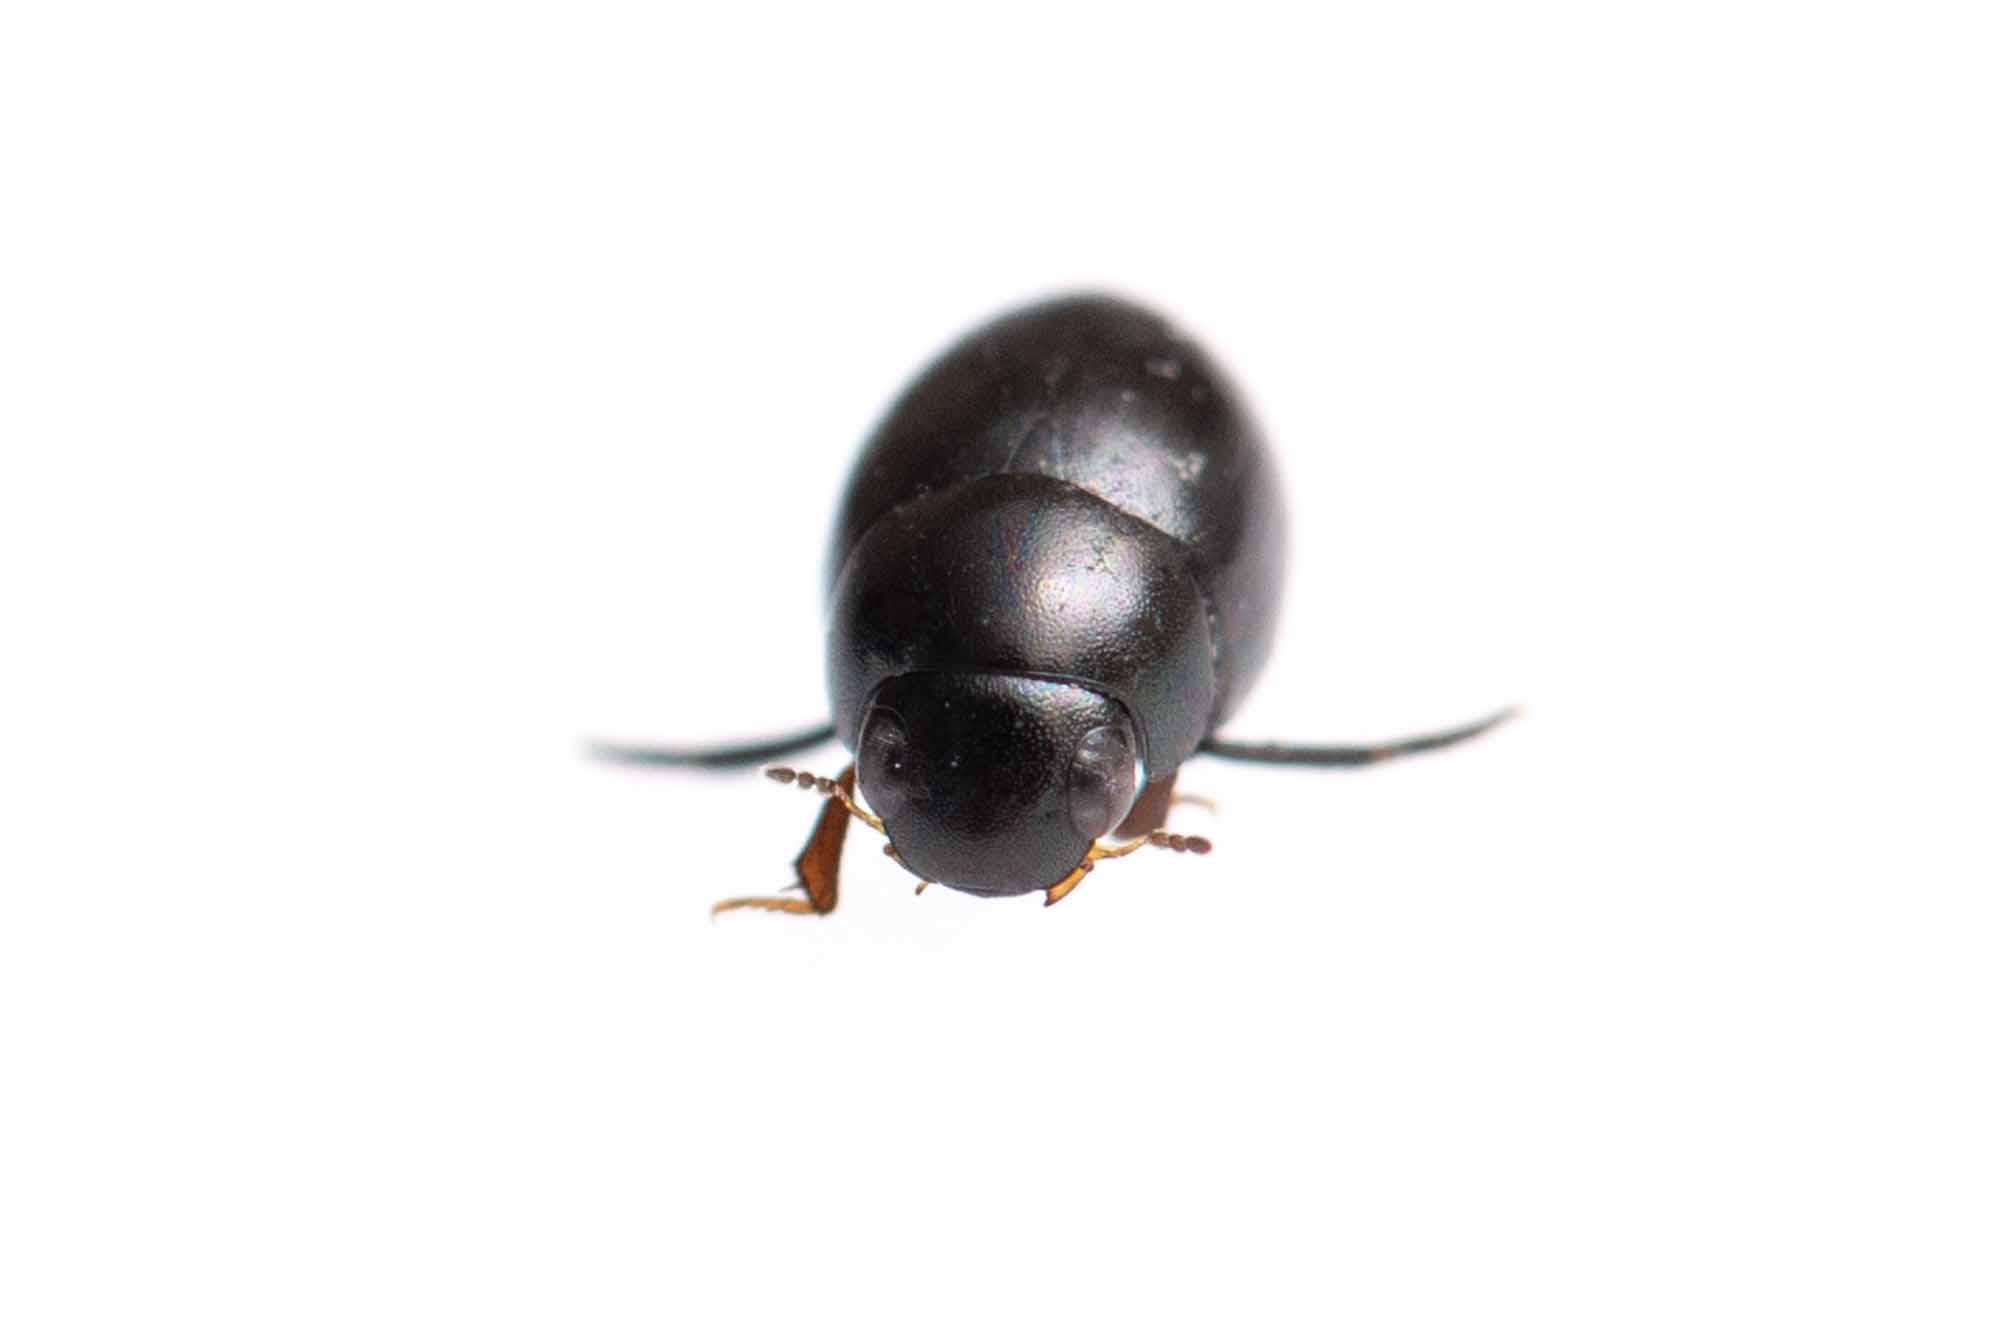 マメガムシの写真